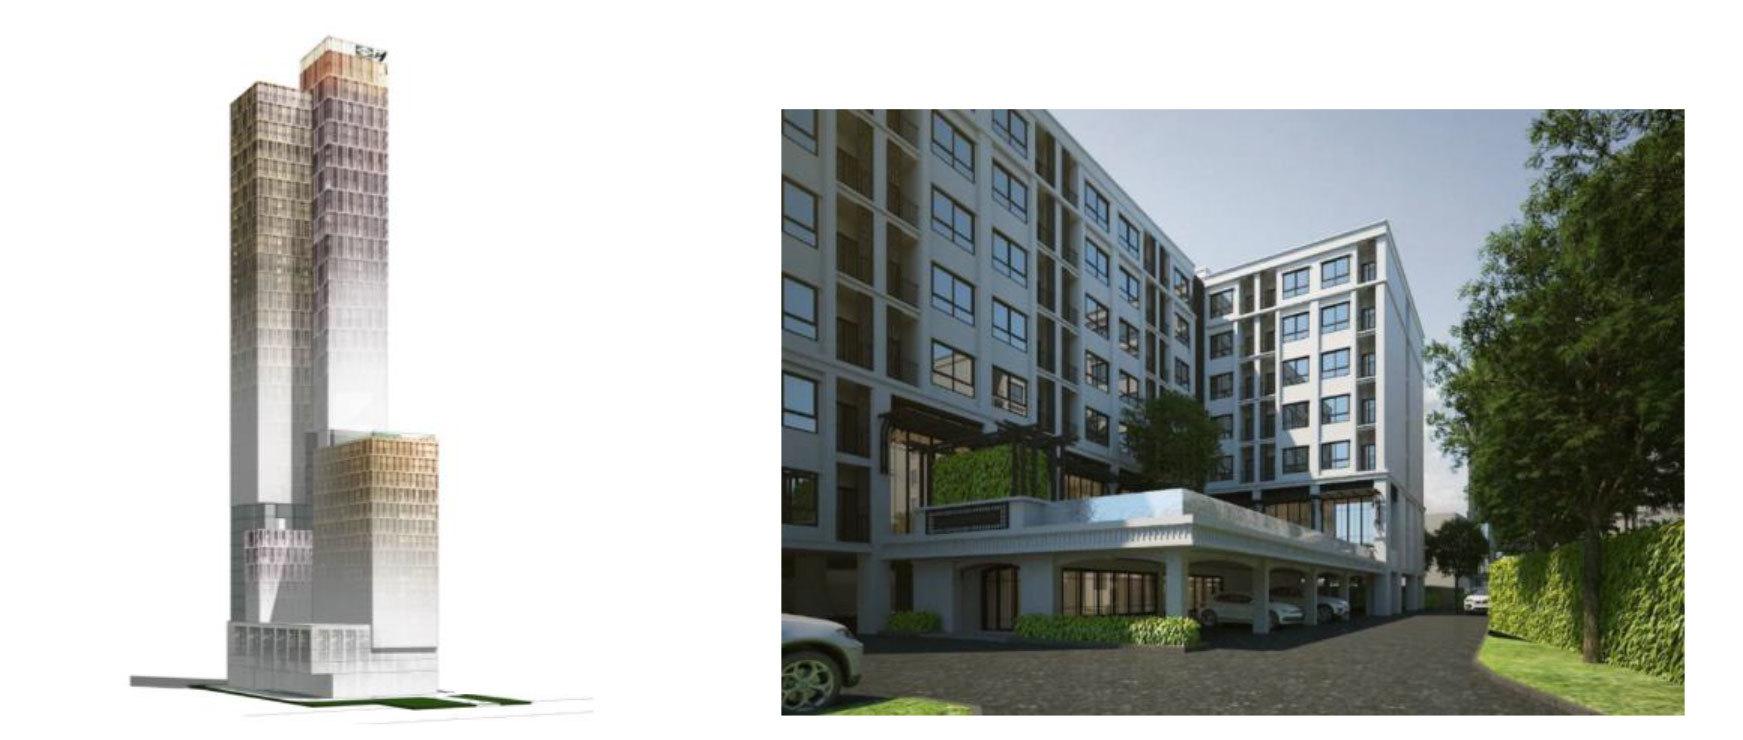 ≪タイでの分譲事業参画戸数が10,000戸を突破≫タイにおける2マンションプロジェクトへの参画が決定 画像